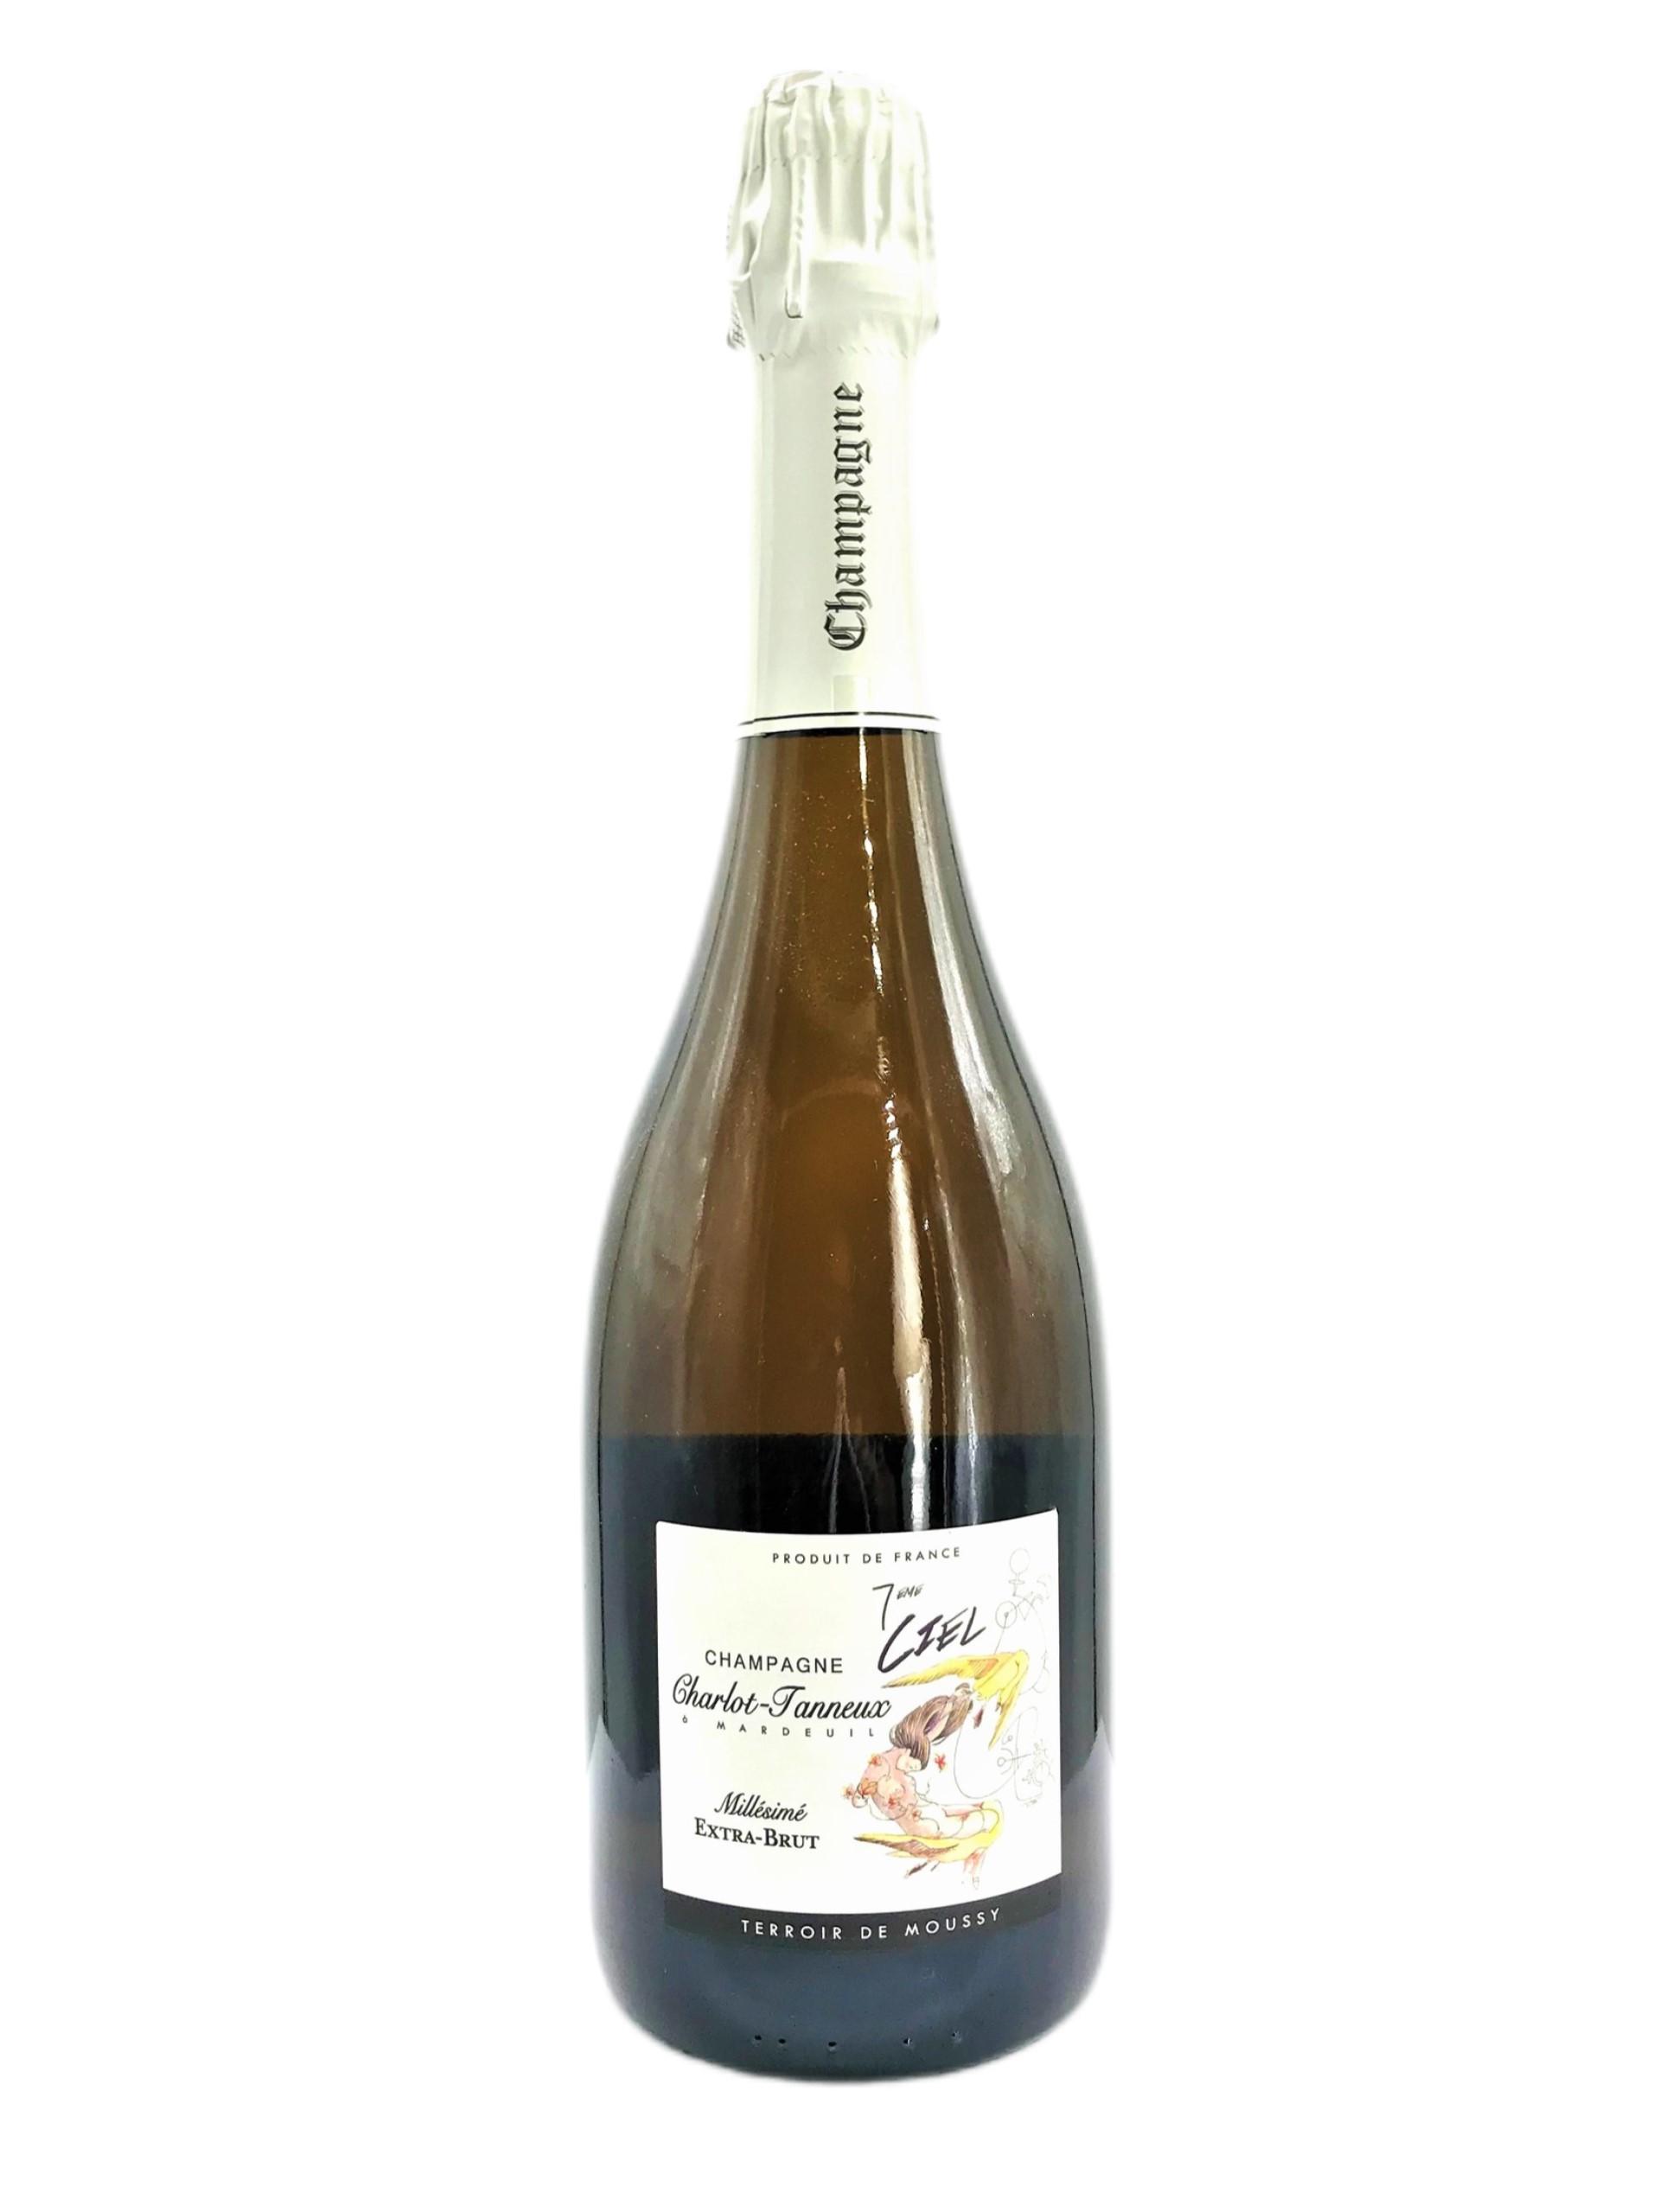 Champagne Charlot Tanneux Cuvee 7ém Ciel Millesime